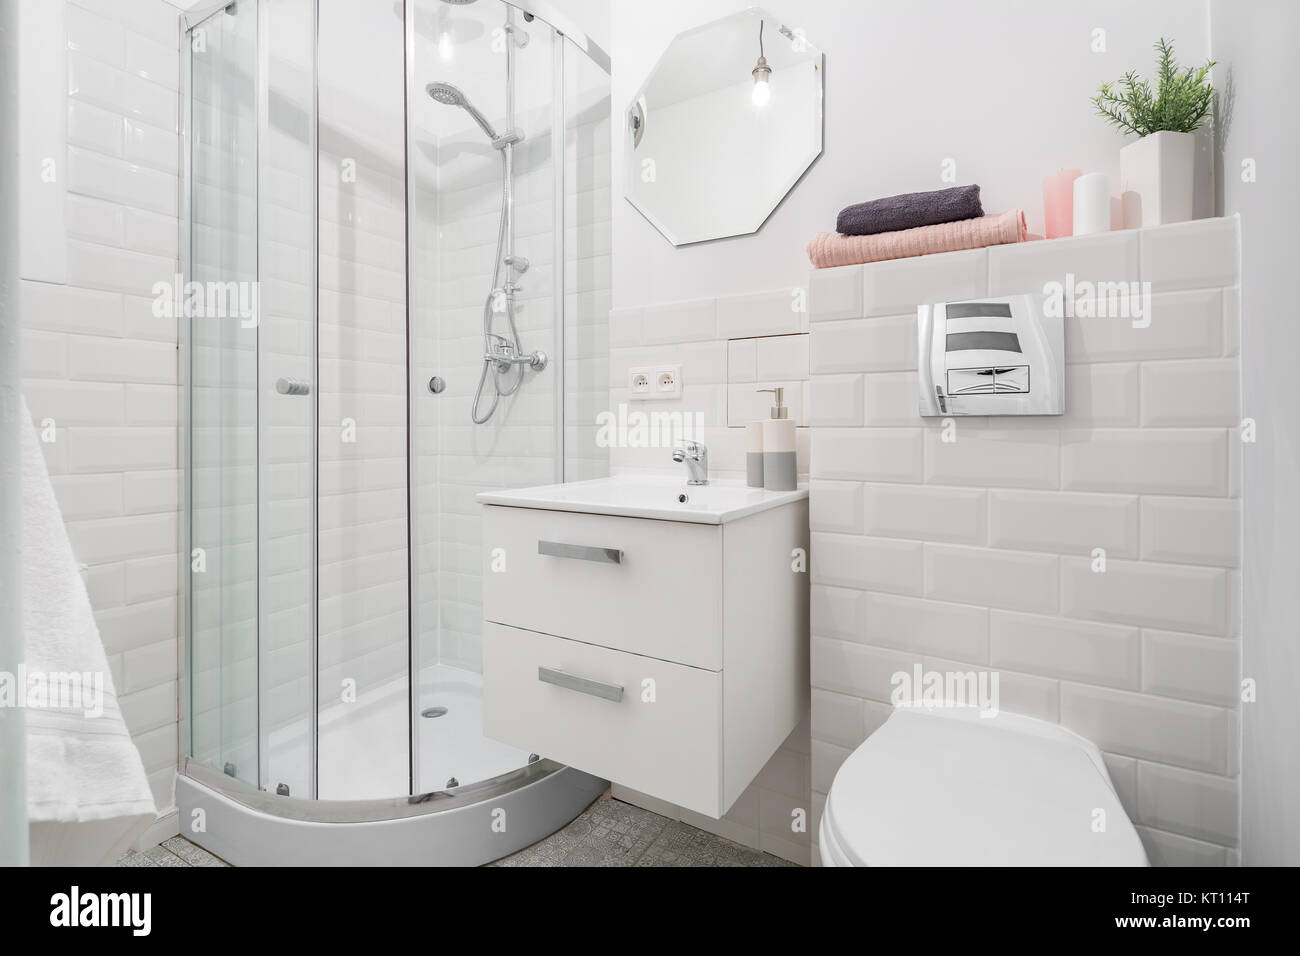 Dusche, Waschbecken und wc in Weiß gehaltenes Badezimmer mit ...